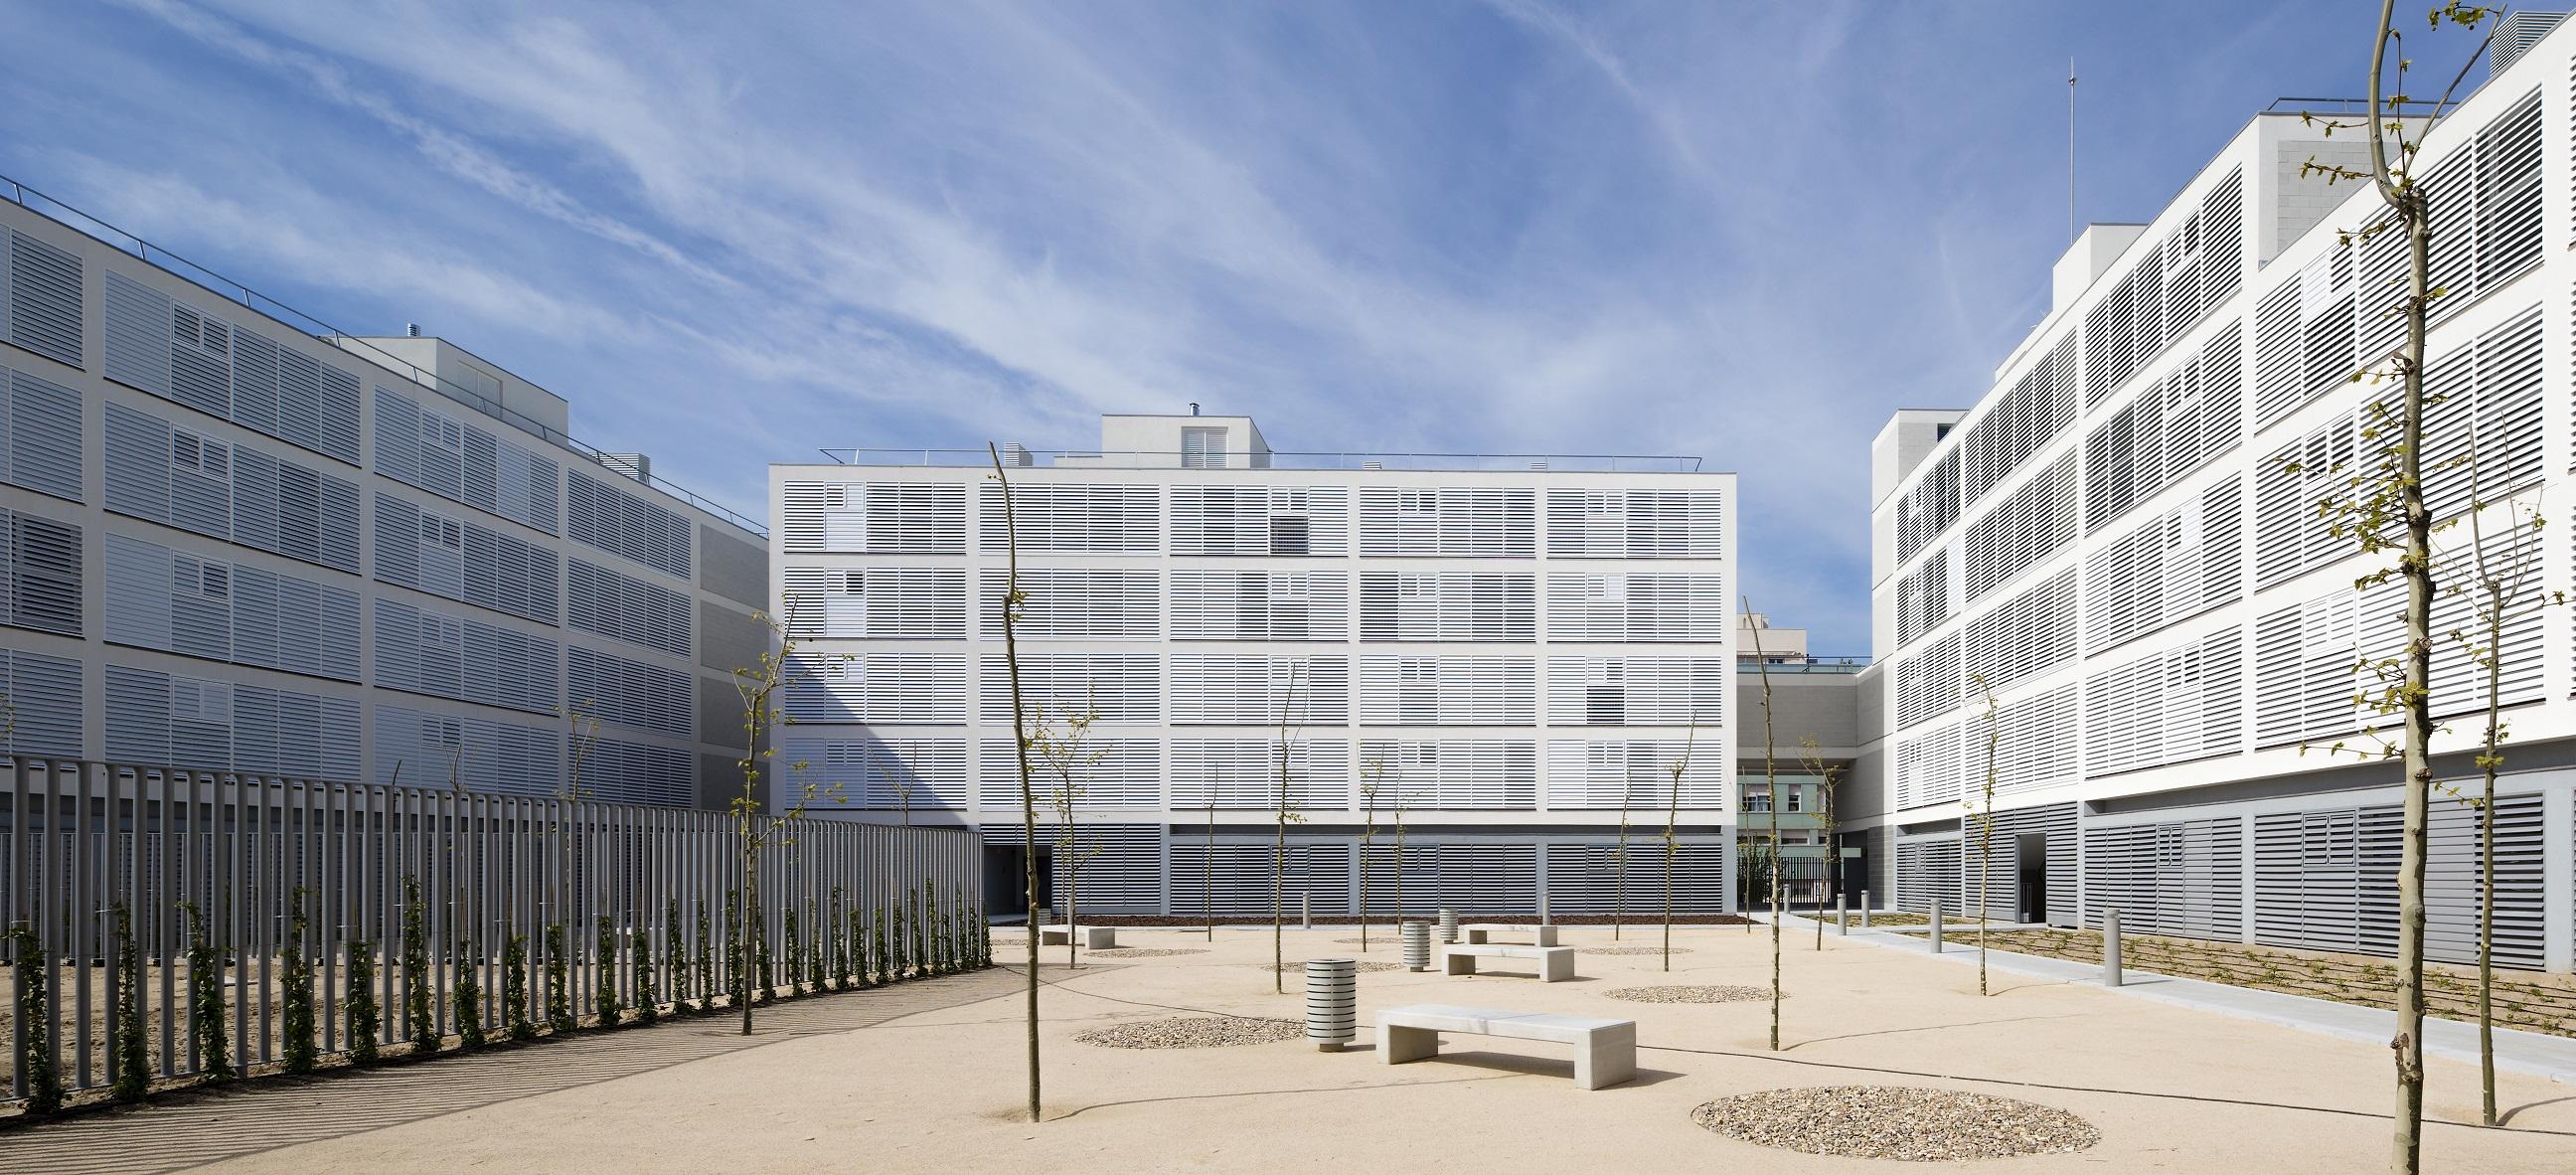 Los arquitectos premian dos edificios de la emvs - Arquitectos en madrid ...